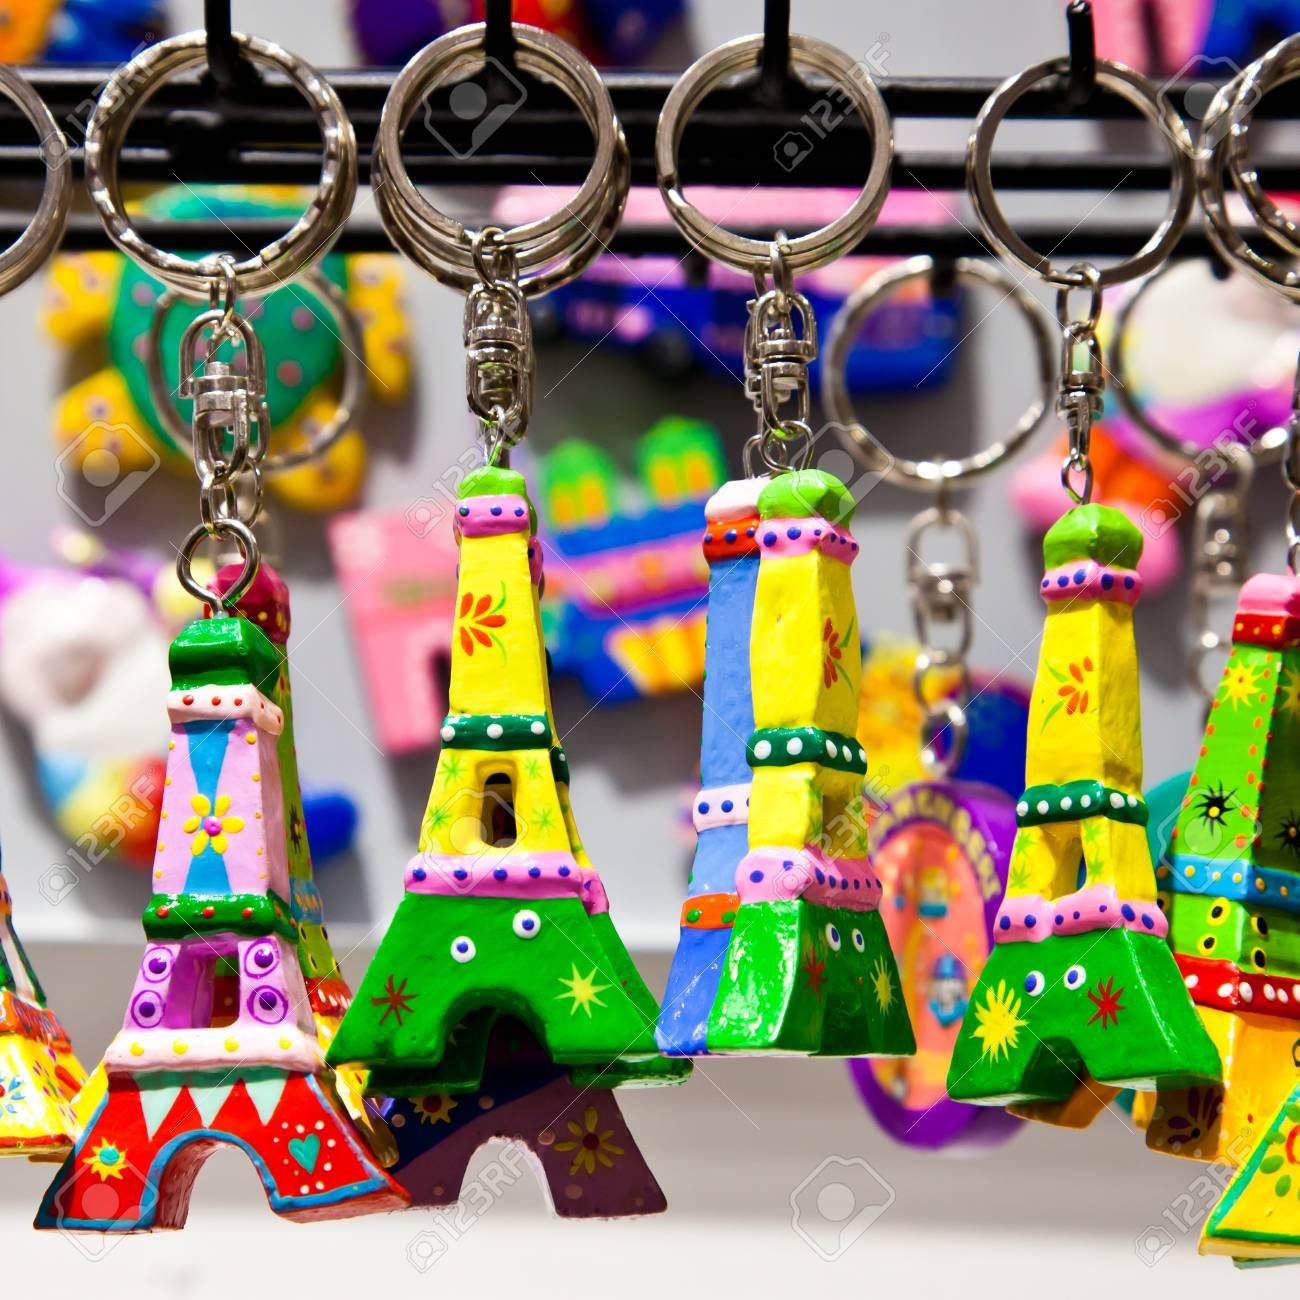 Archivio Fotografico - Il souvenir tipico è possibile trovare in ogni  singolo negozio di Parigi 6fd3a5b2100